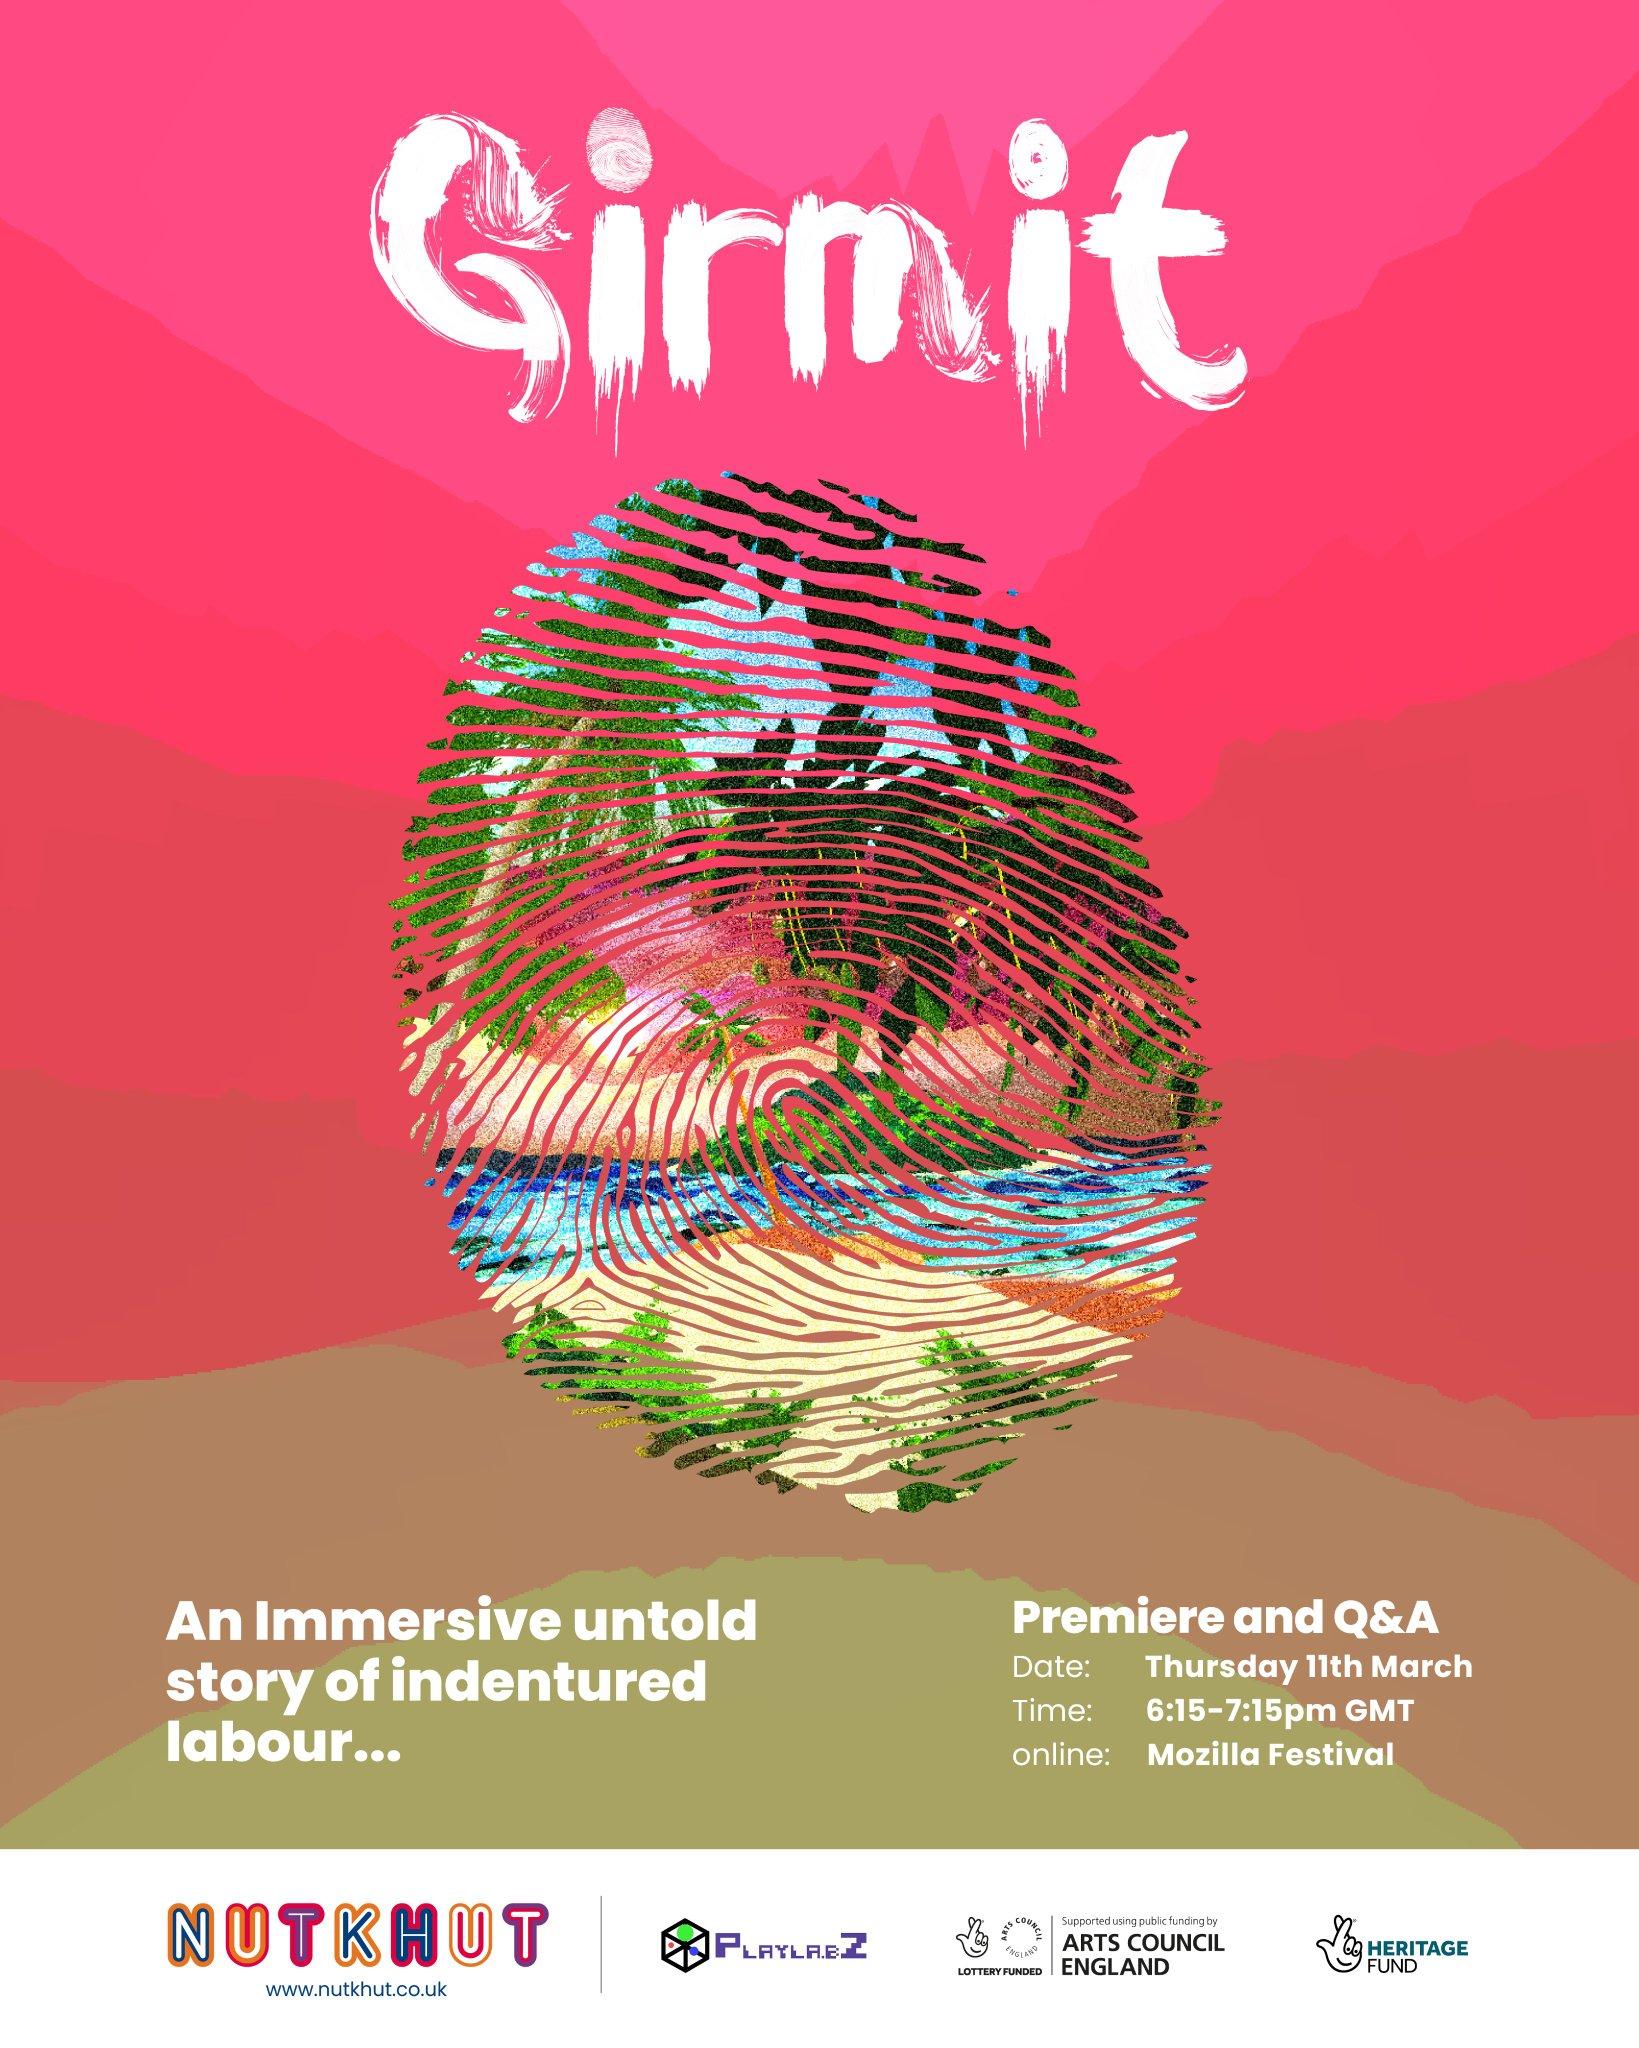 girmit poster image